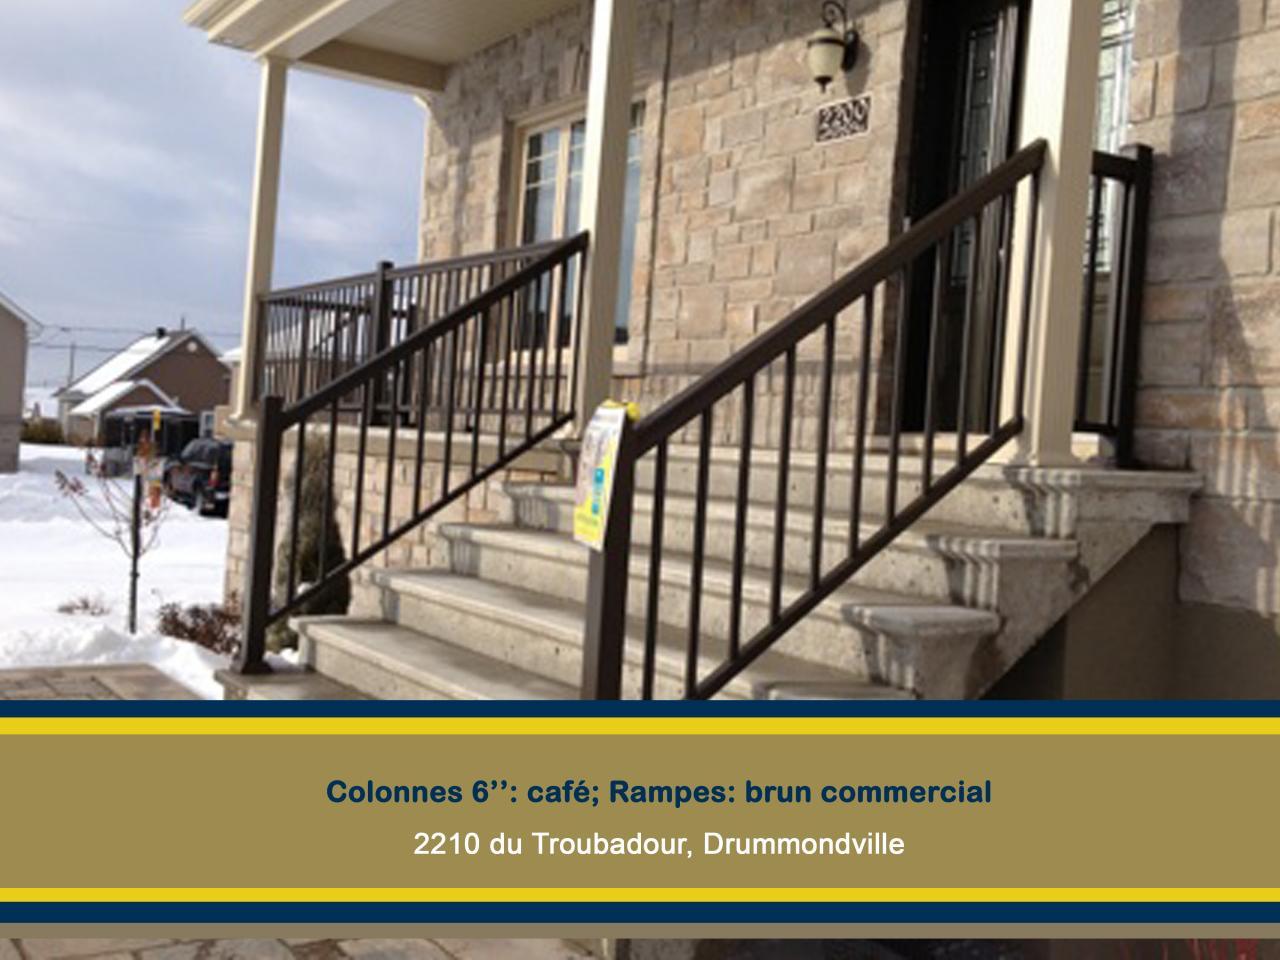 Rampes et colonnes 2200 su Troubadour drummondville